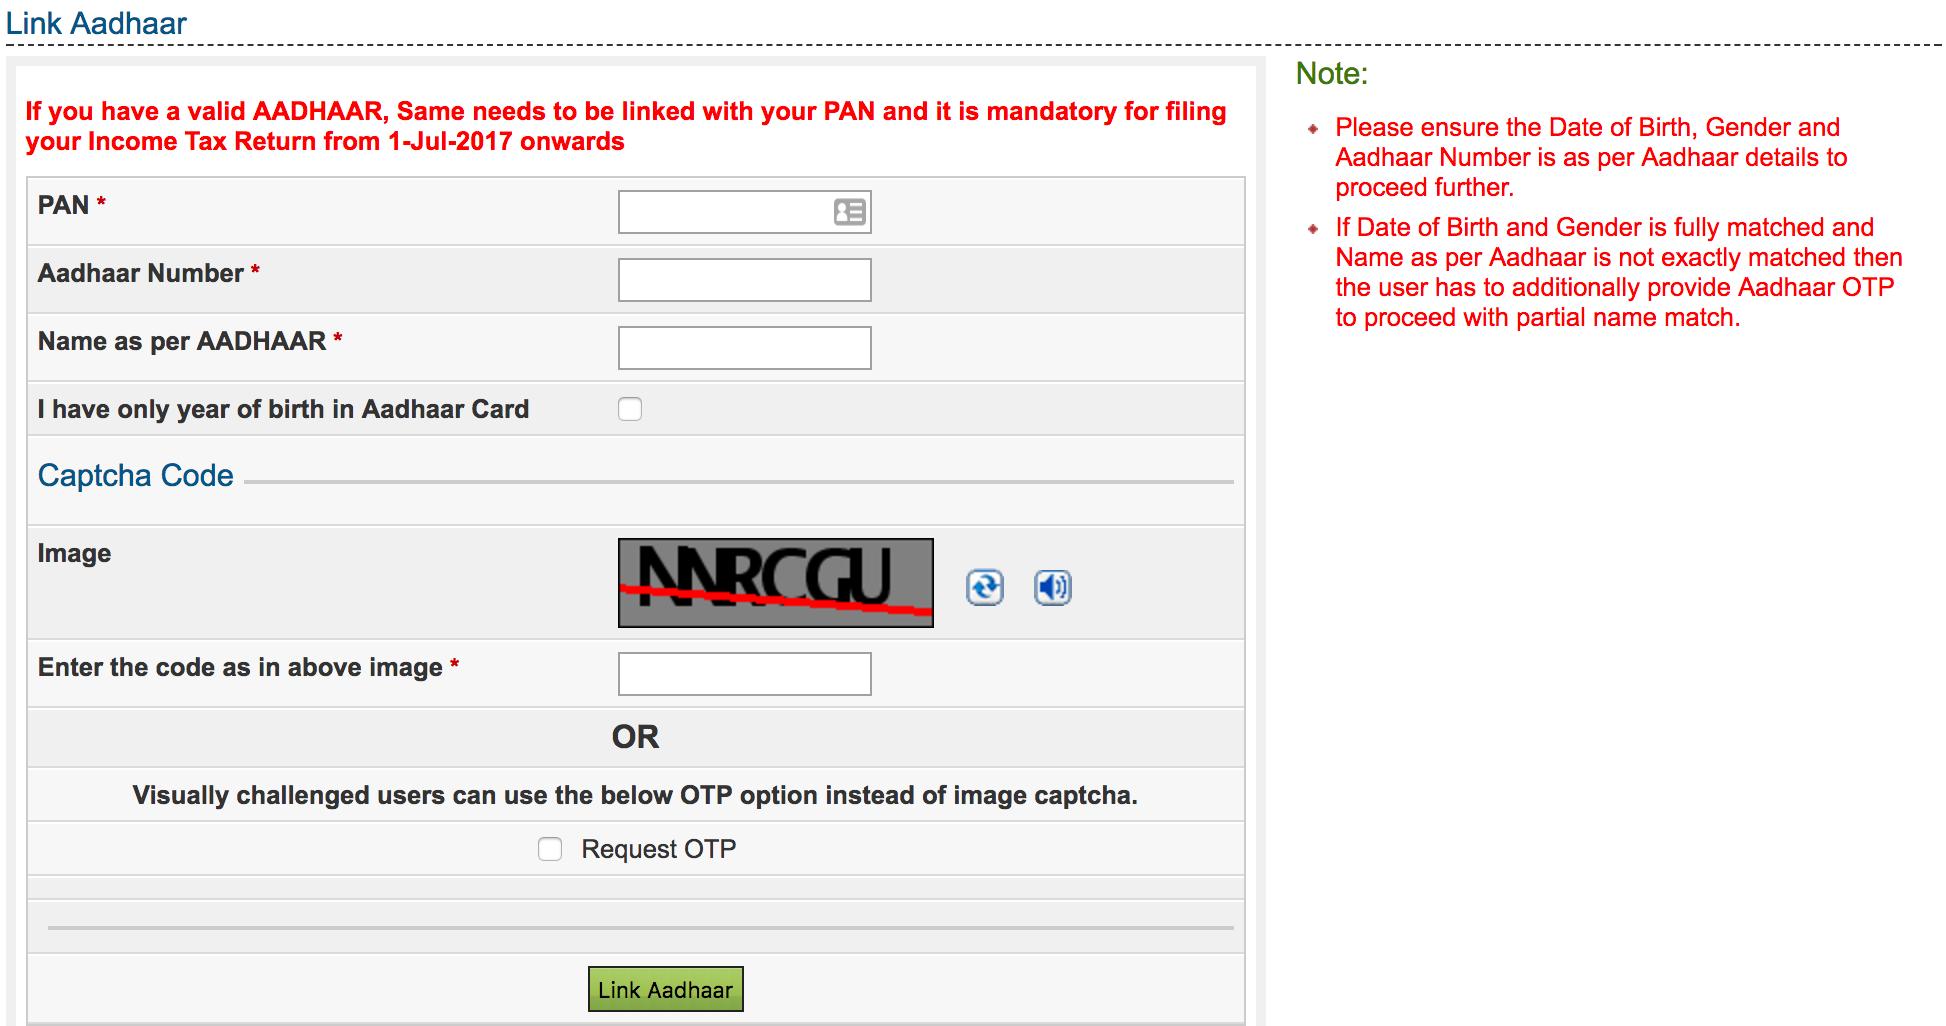 Link Aadhaar Detail Screen